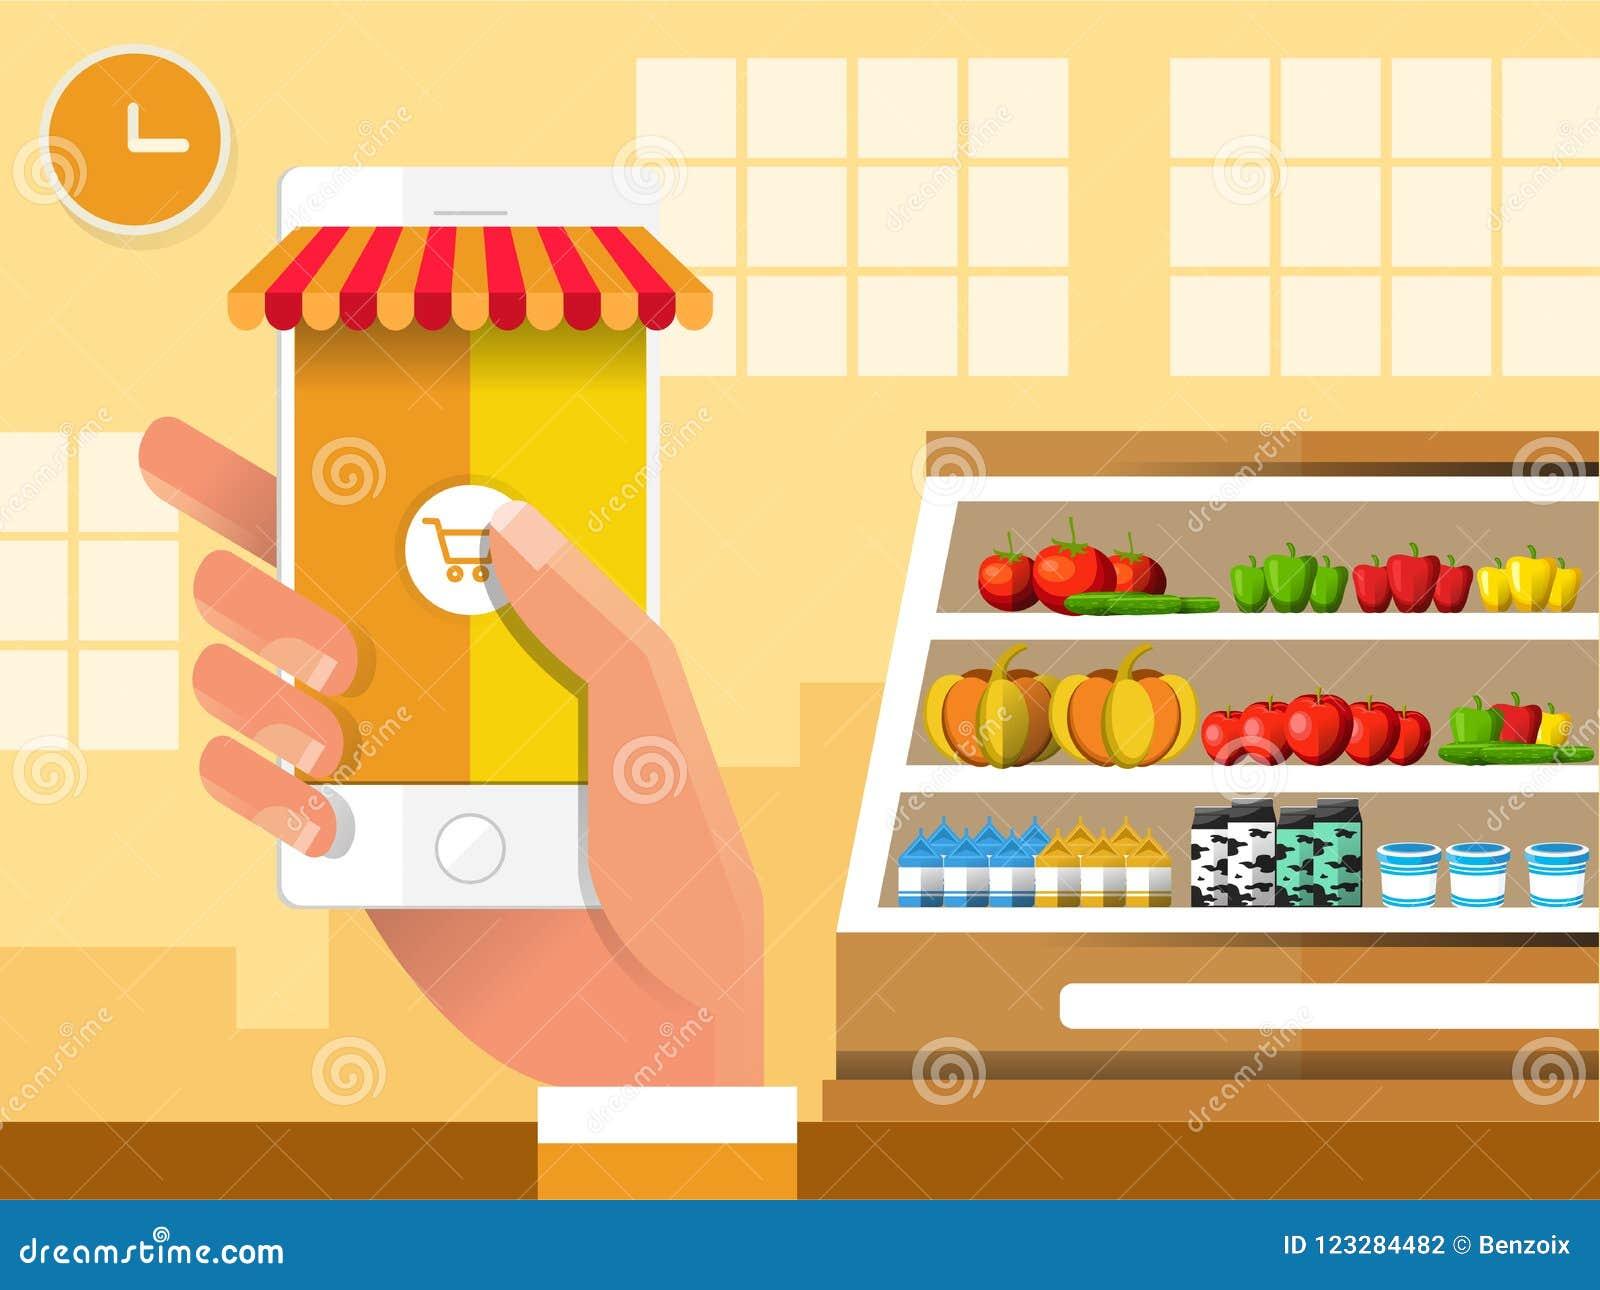 E-kommers elektronisk affär, online-shopping, betalning, leverans, sändningsprocess, försäljningar i livsmedelsbutik